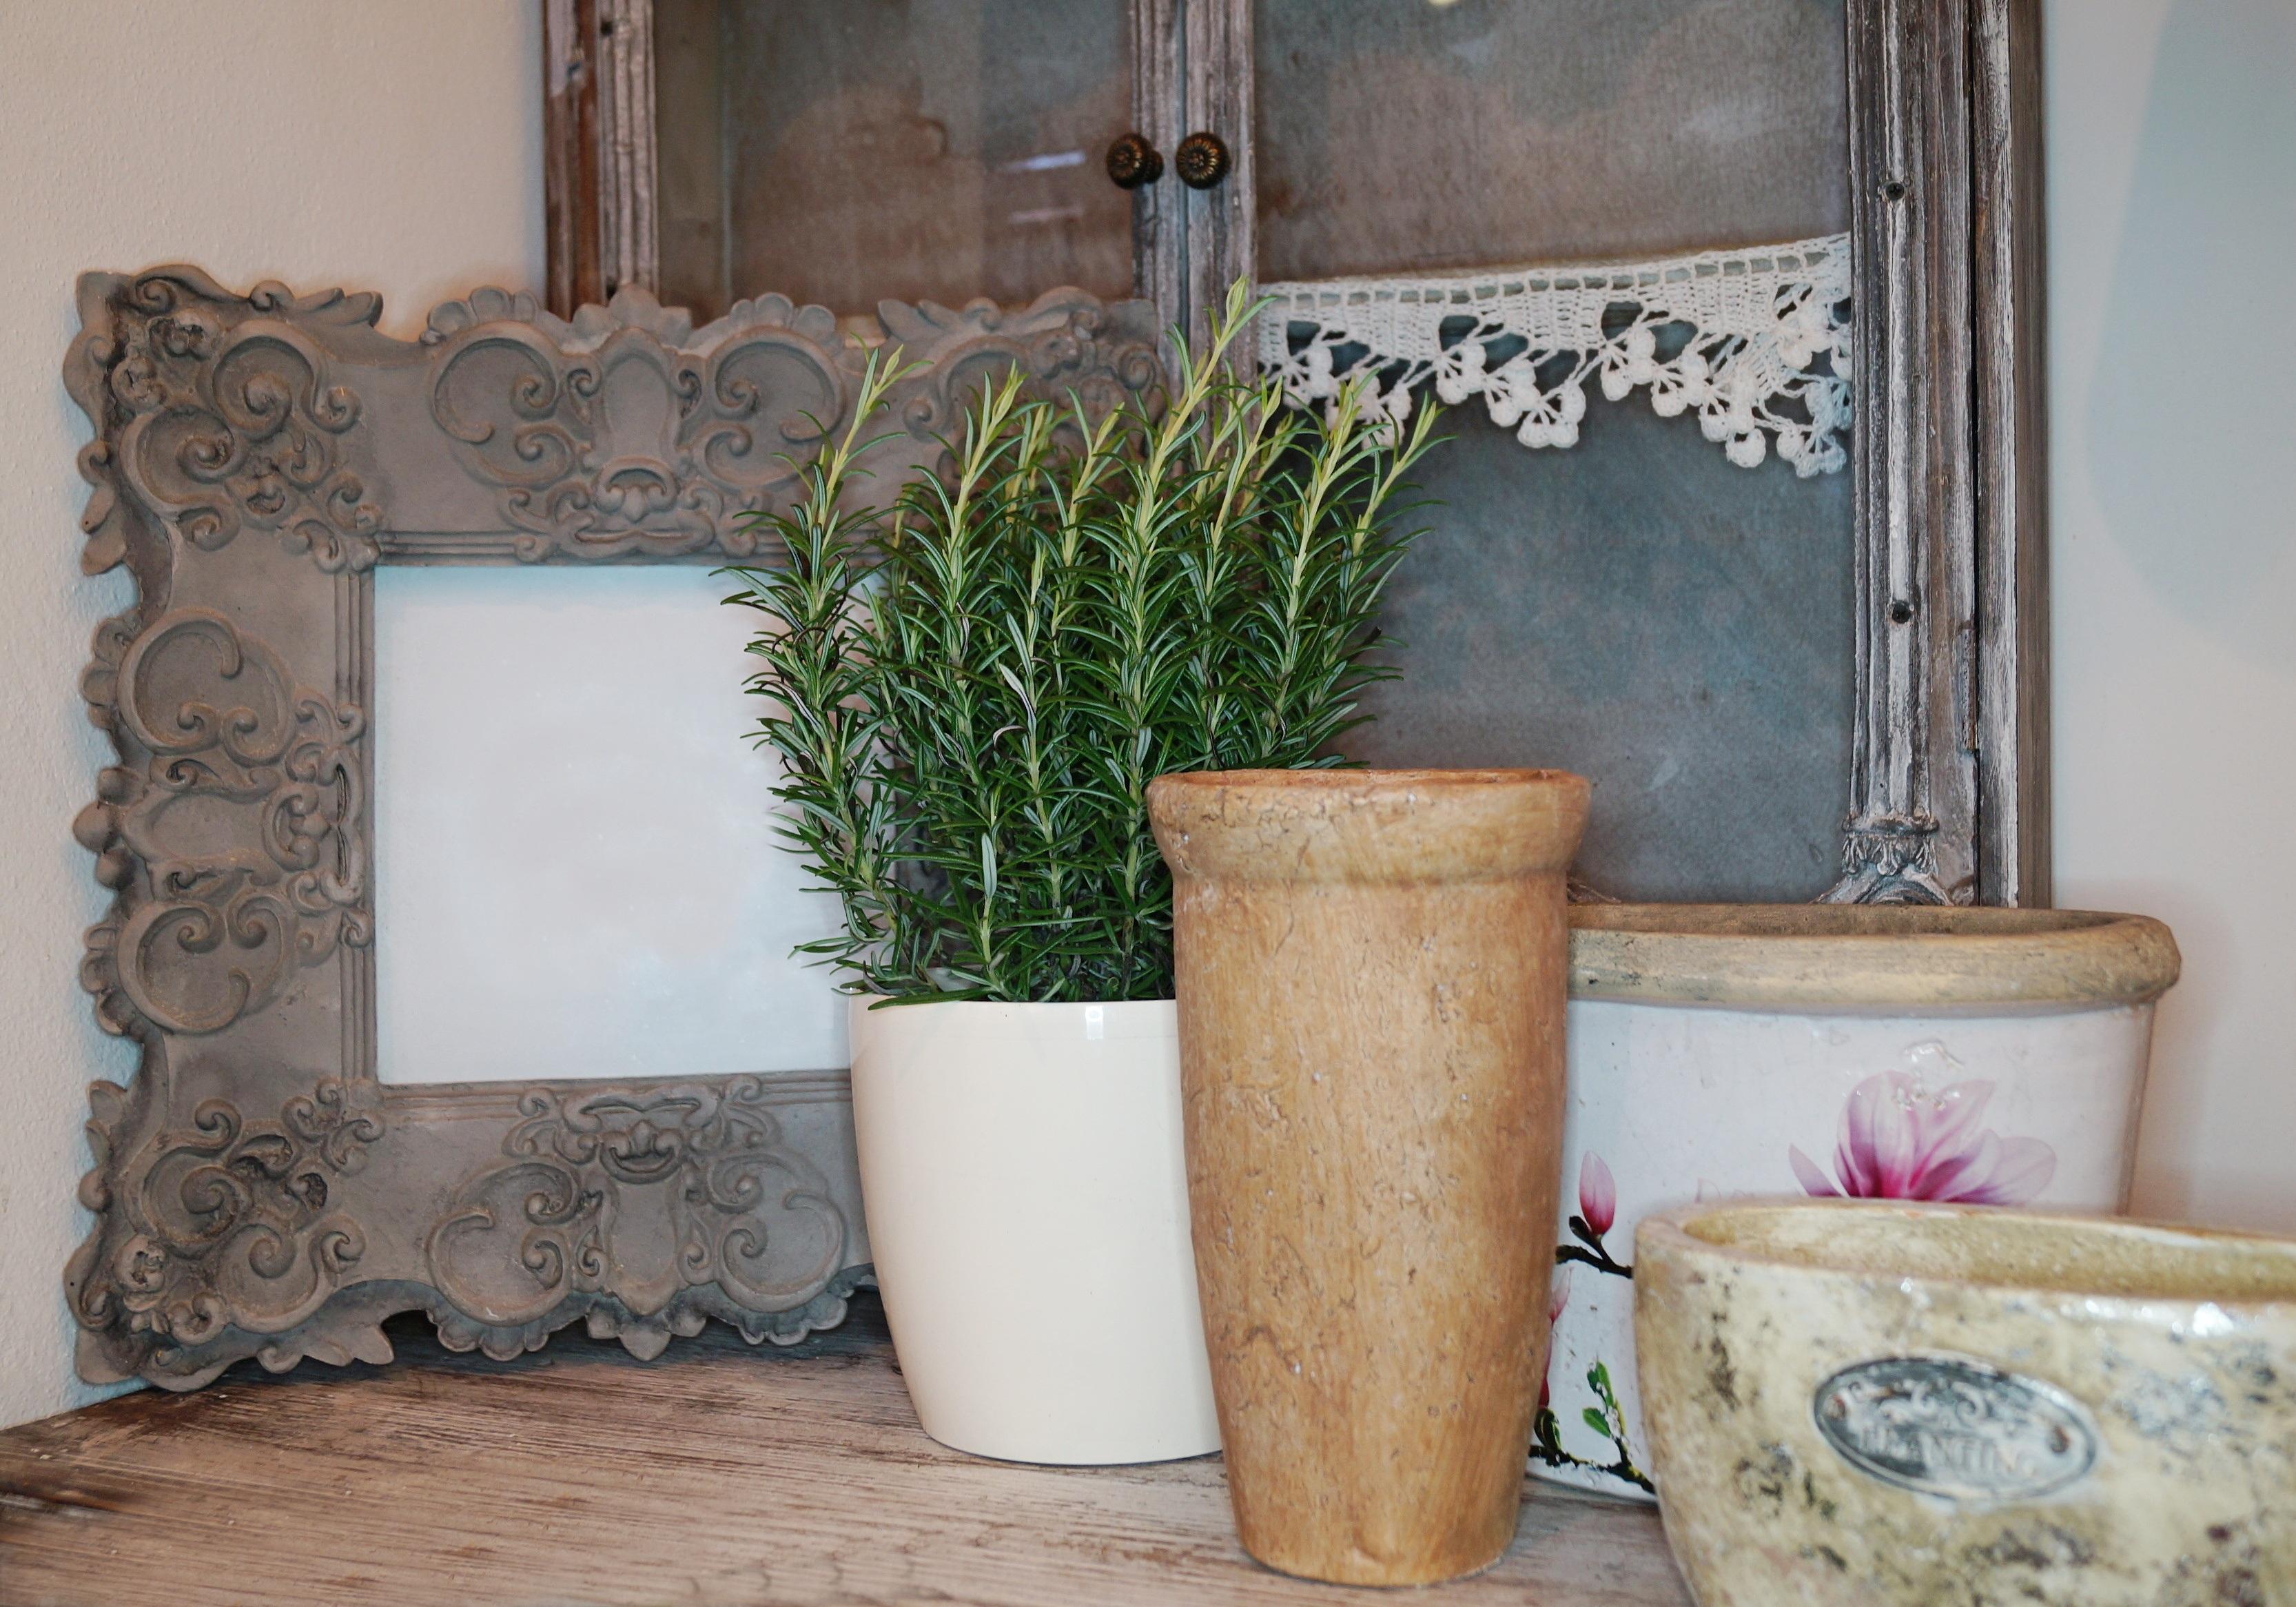 Holz Retro Mauer Dekoration Keramik Wohnzimmer Möbel Zimmer Beleuchtung  Dekor Stillleben Innenarchitektur Blumentopf Rand Kräuter Mann